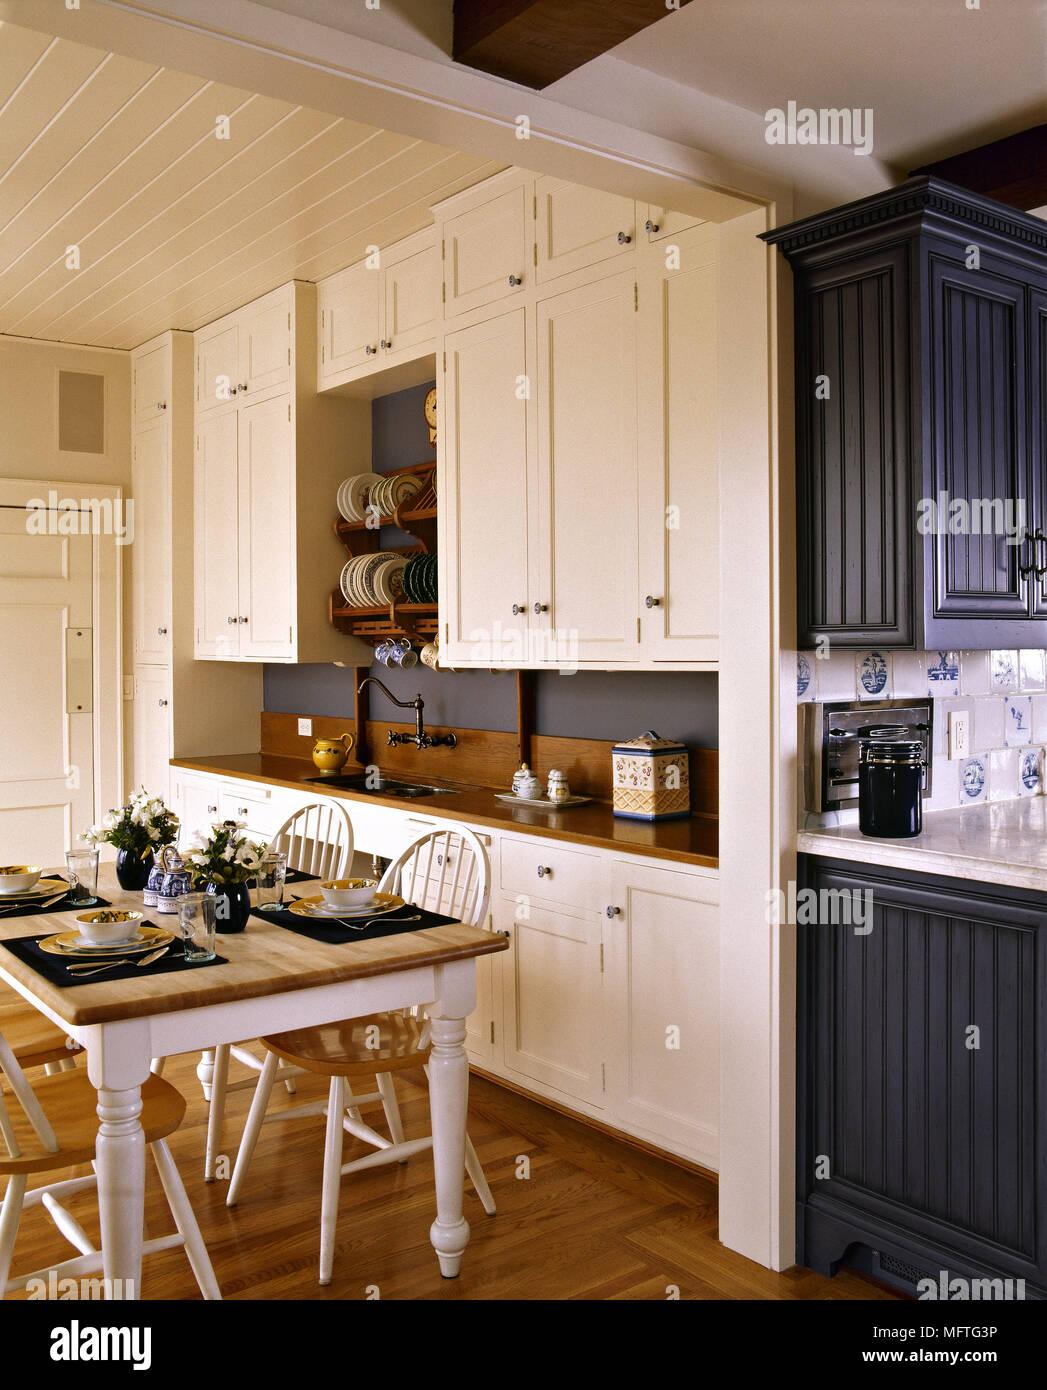 Ausgezeichnet Küche Speisestühle Ebay Fotos - Küchen Design Ideen ...